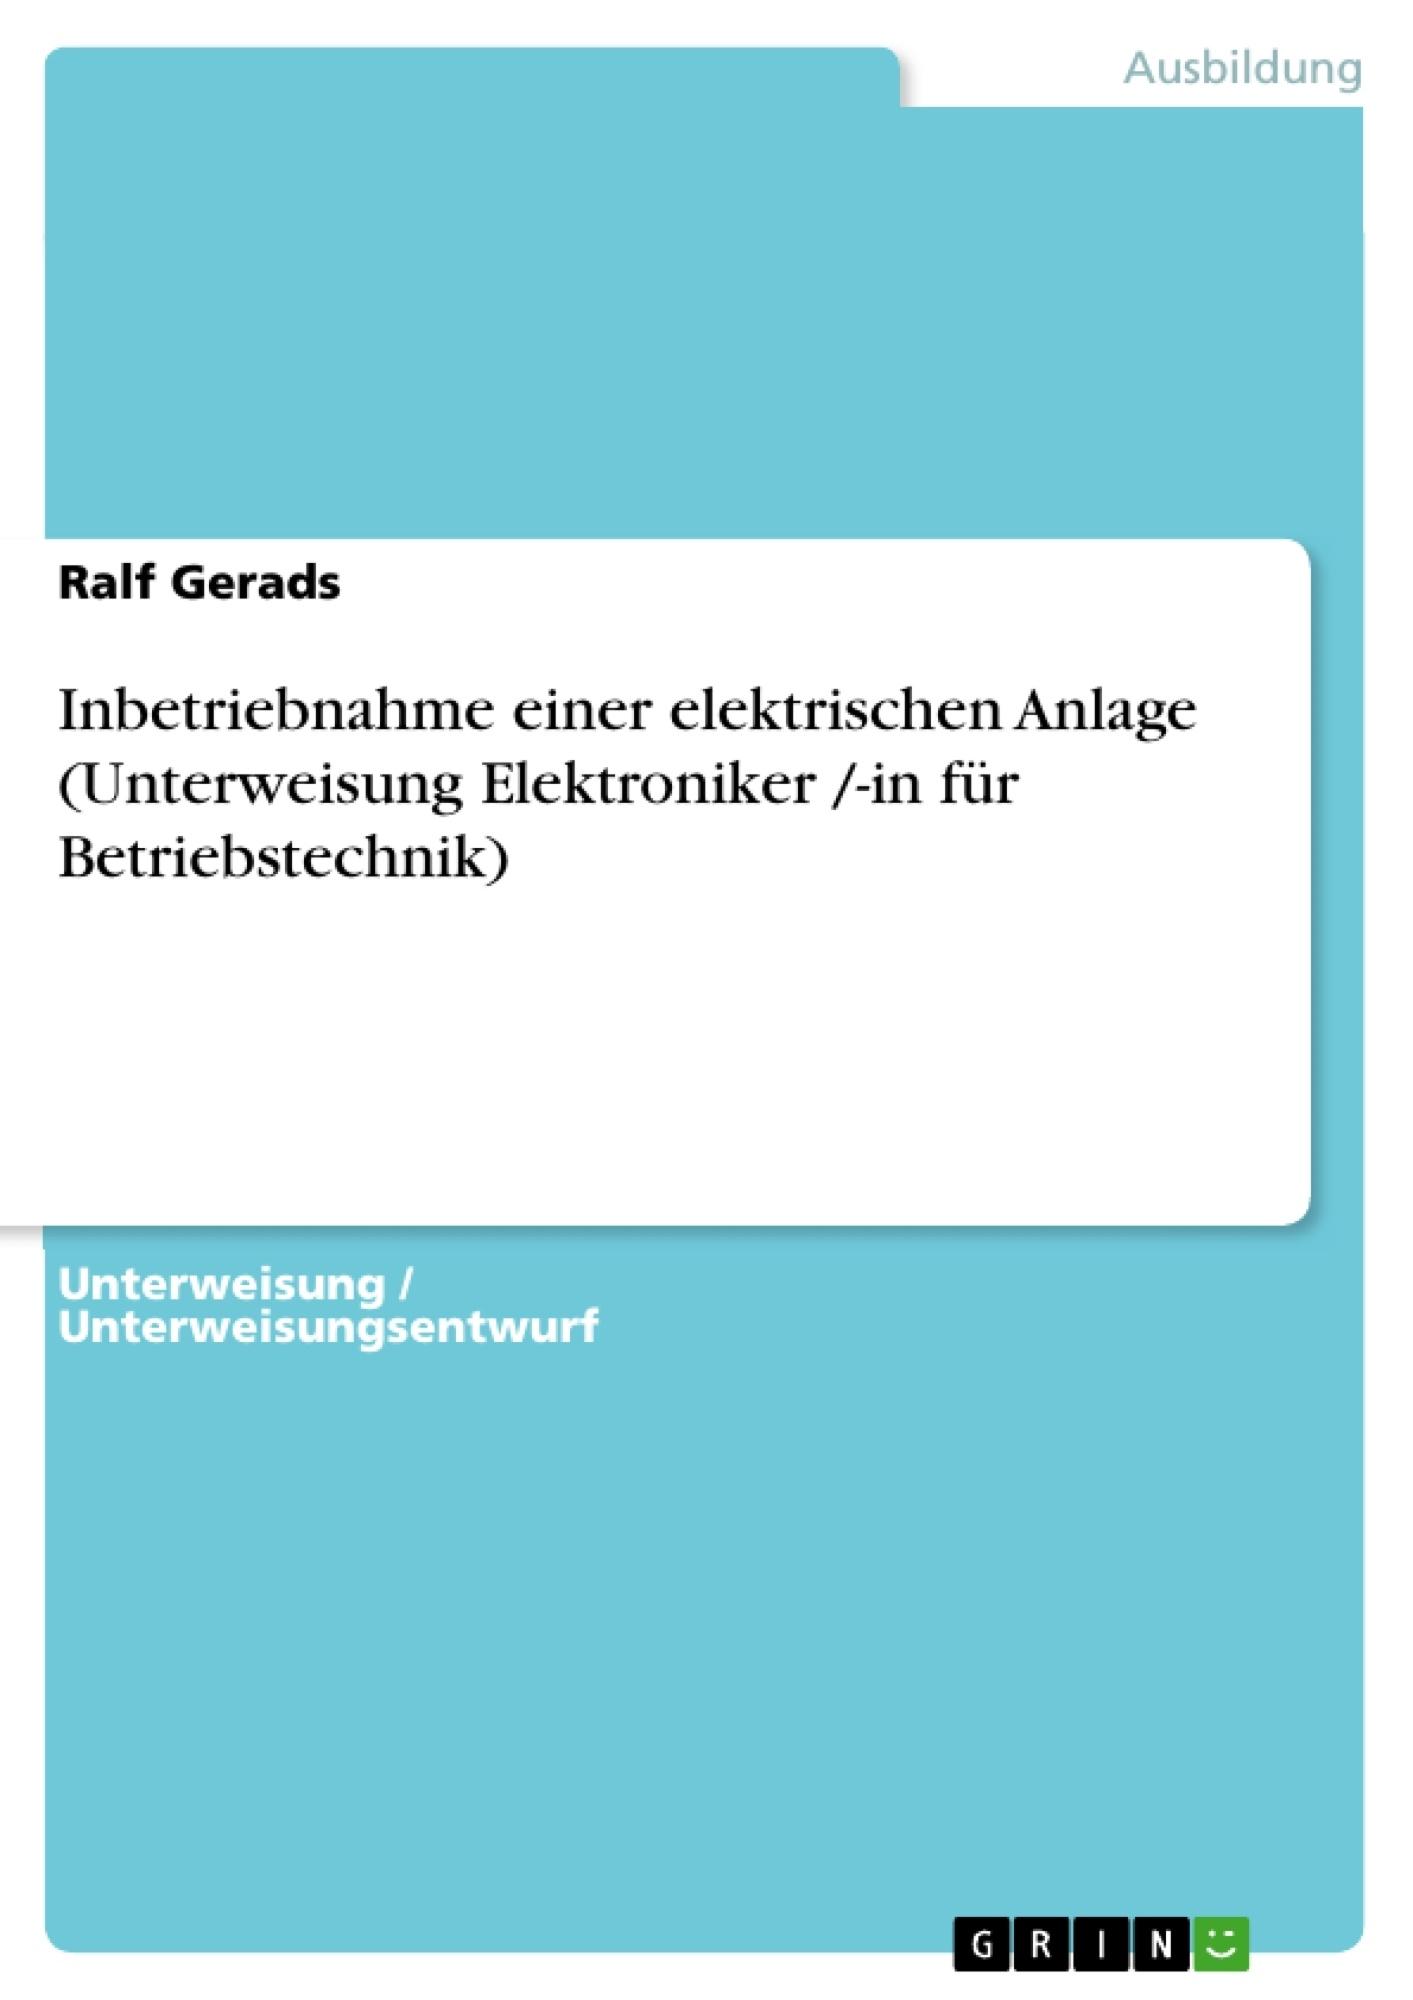 Titel: Inbetriebnahme einer elektrischen Anlage (Unterweisung Elektroniker /-in für Betriebstechnik)